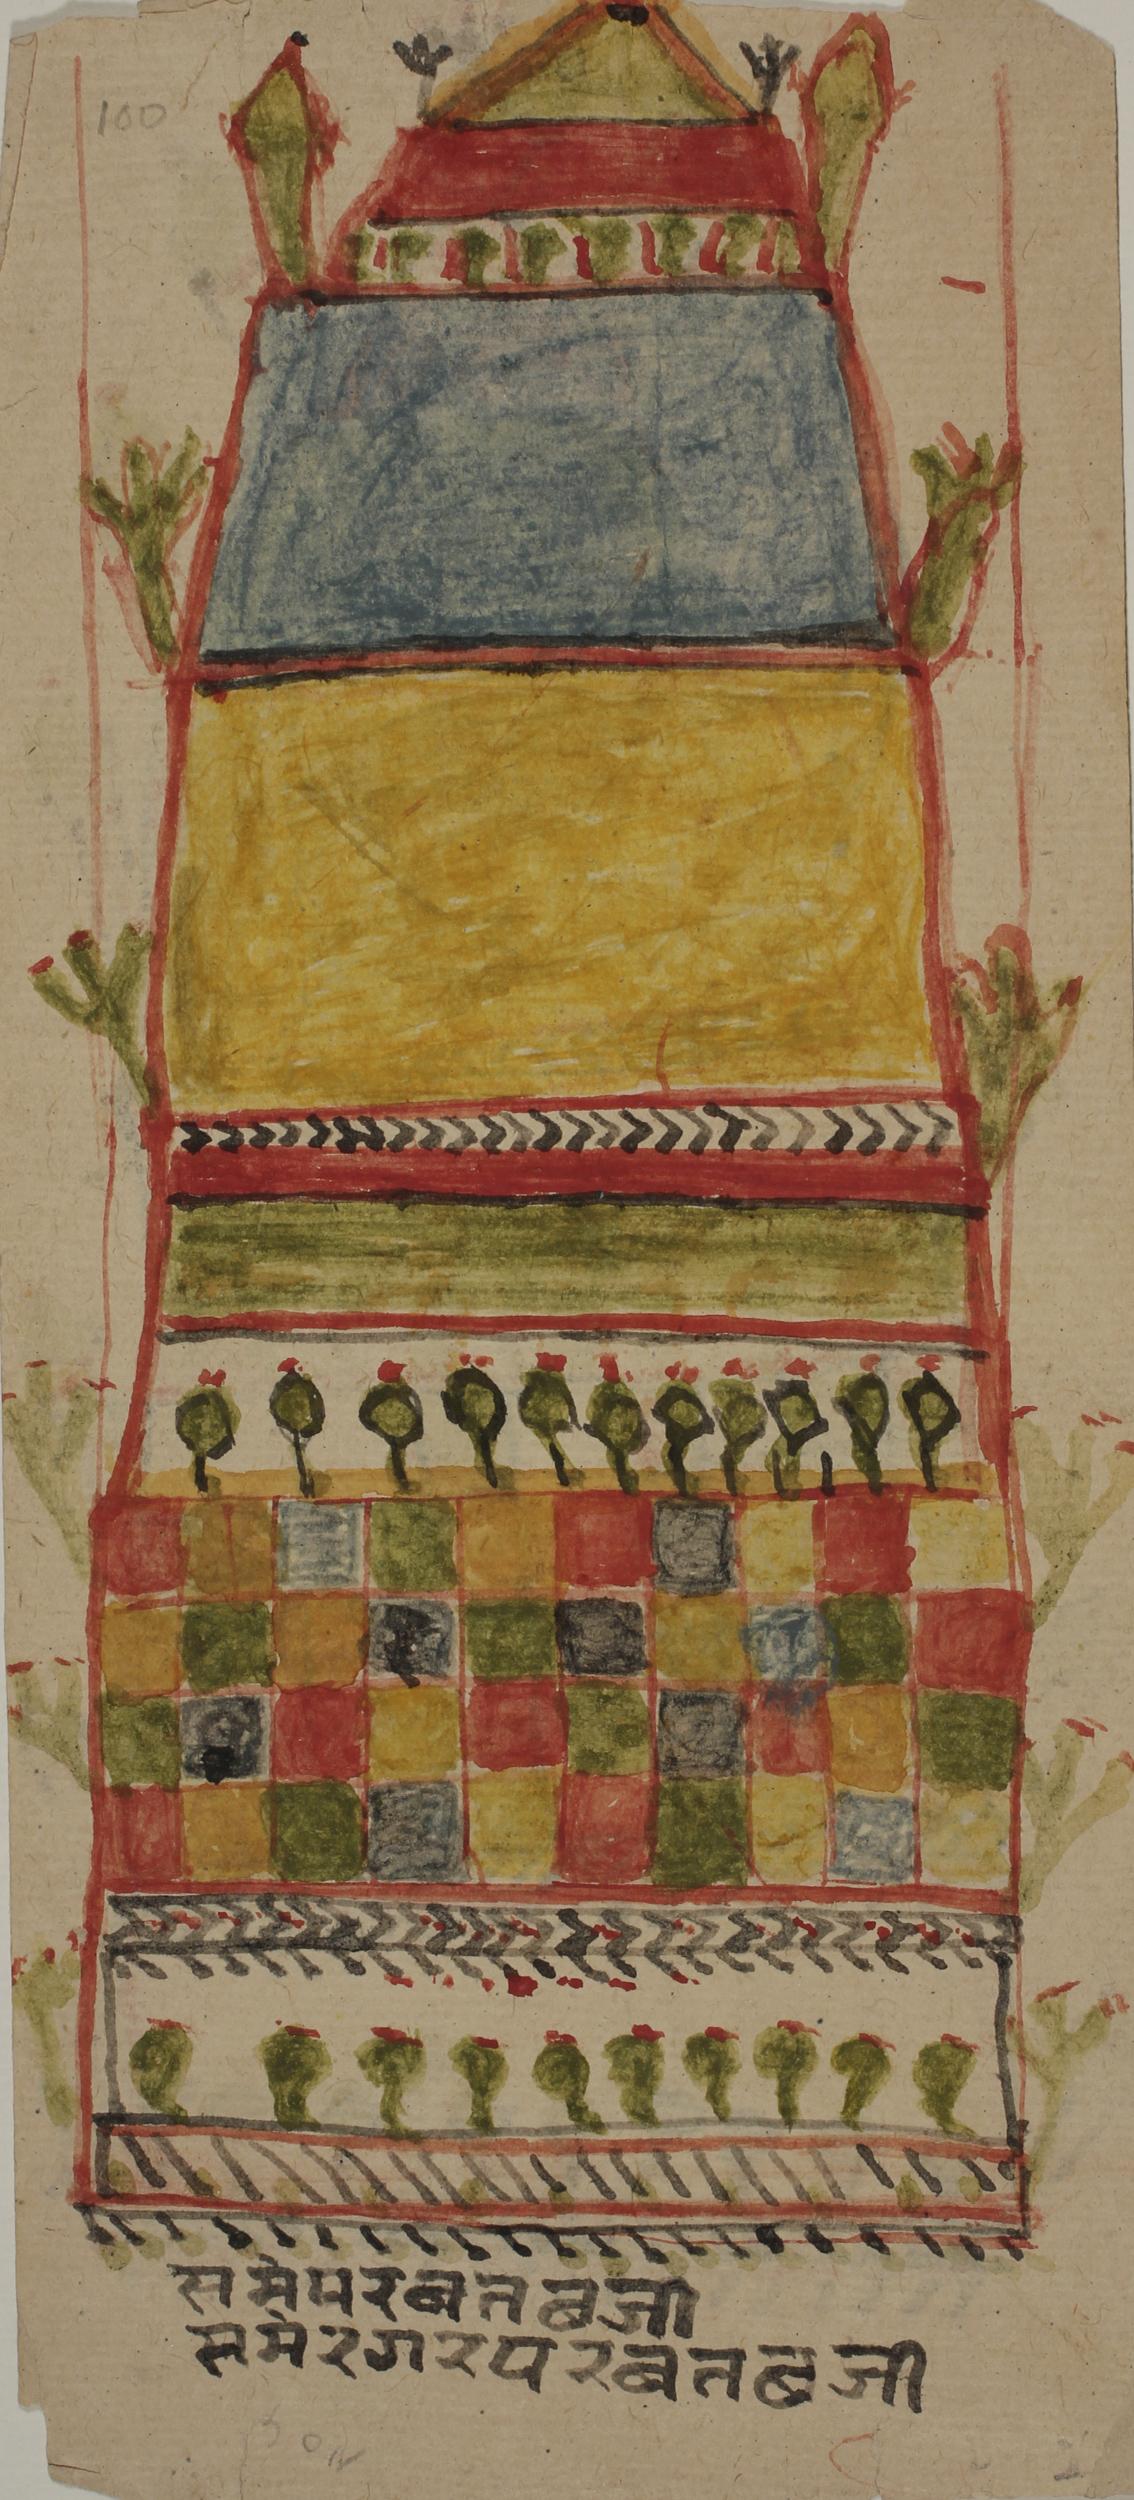 anonym - Jain cosmological drawing of Mount Meru